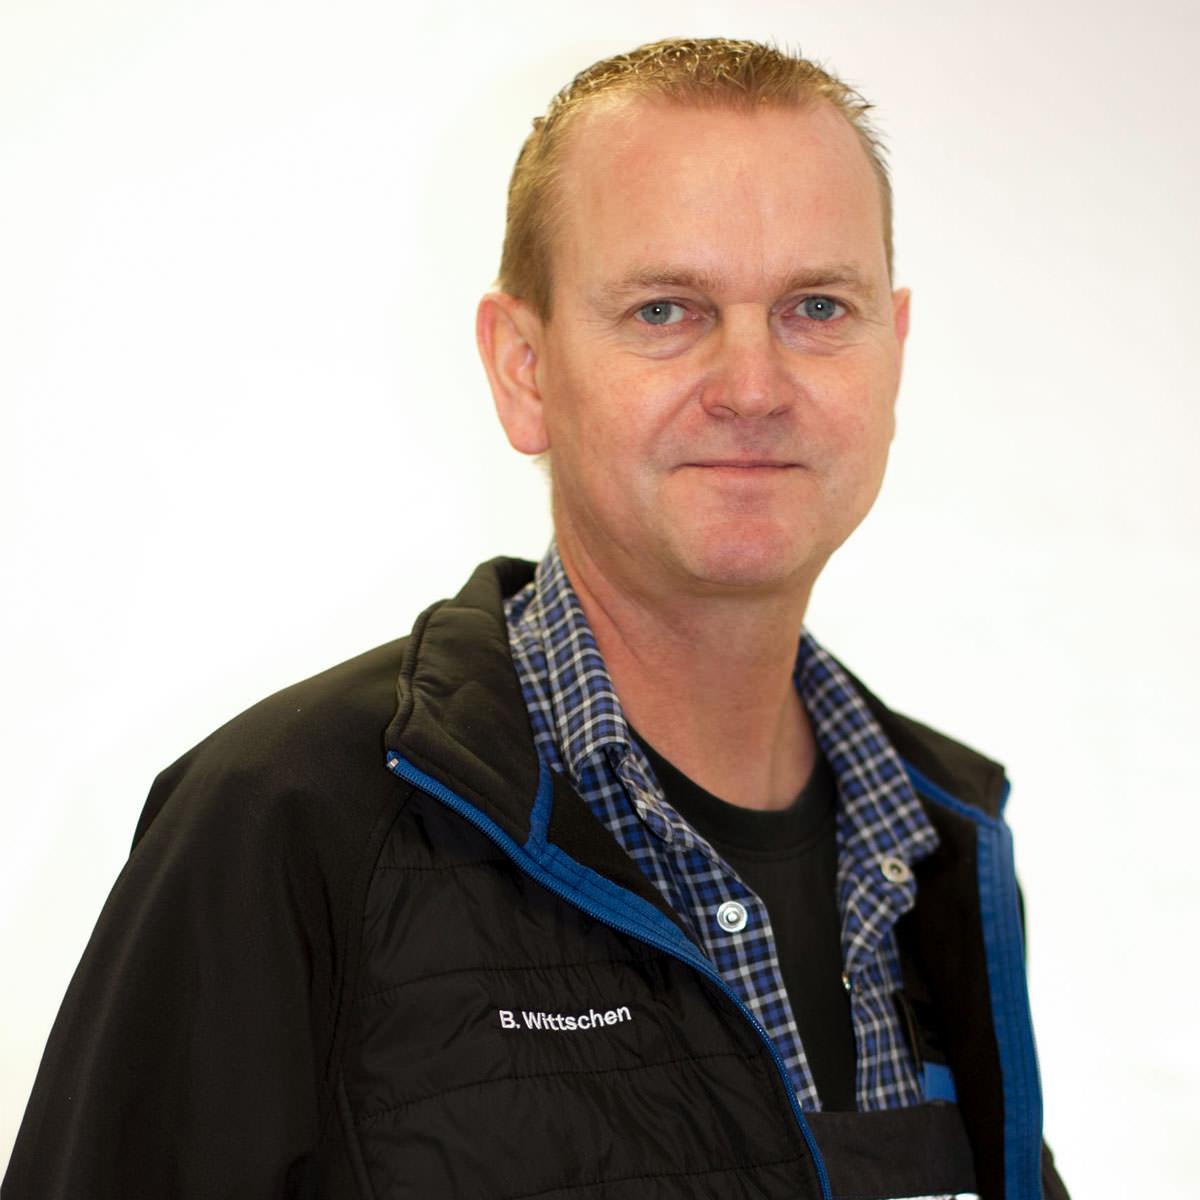 Björn Wittschen